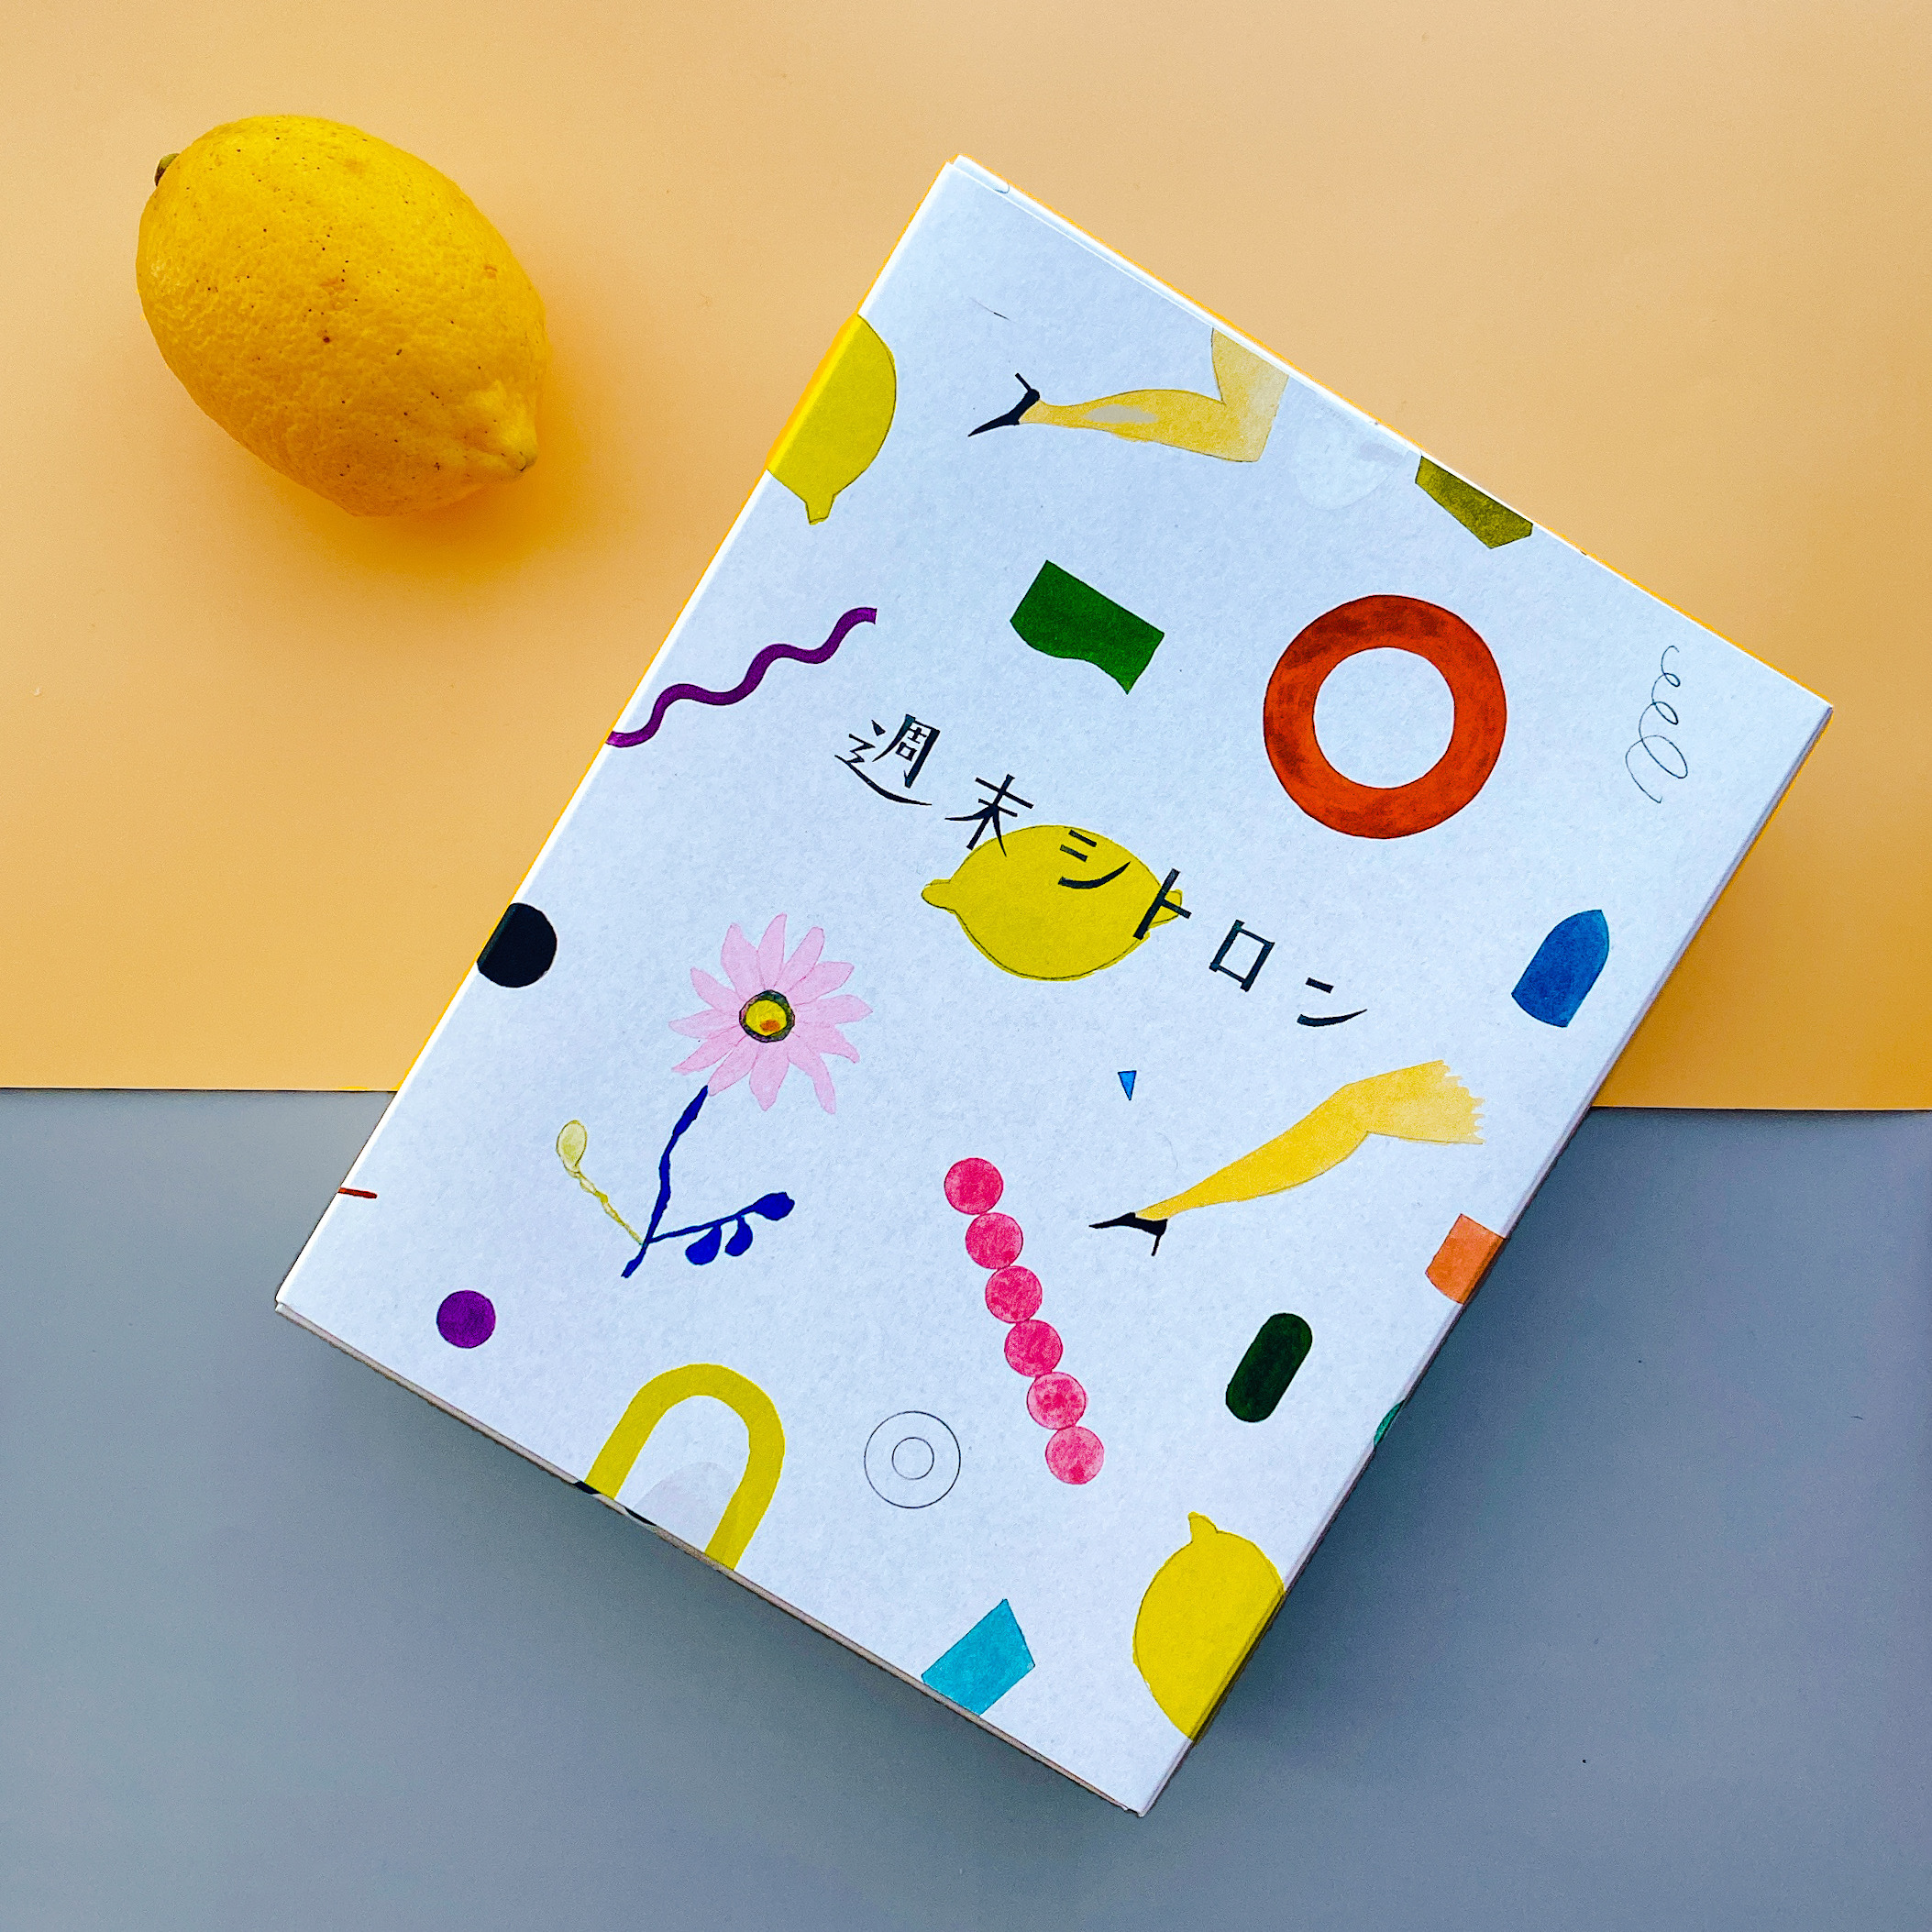 お取り寄せしたレモンケーキ「週末シトロン」のパッケージは、Subikiawaさんによるもの。